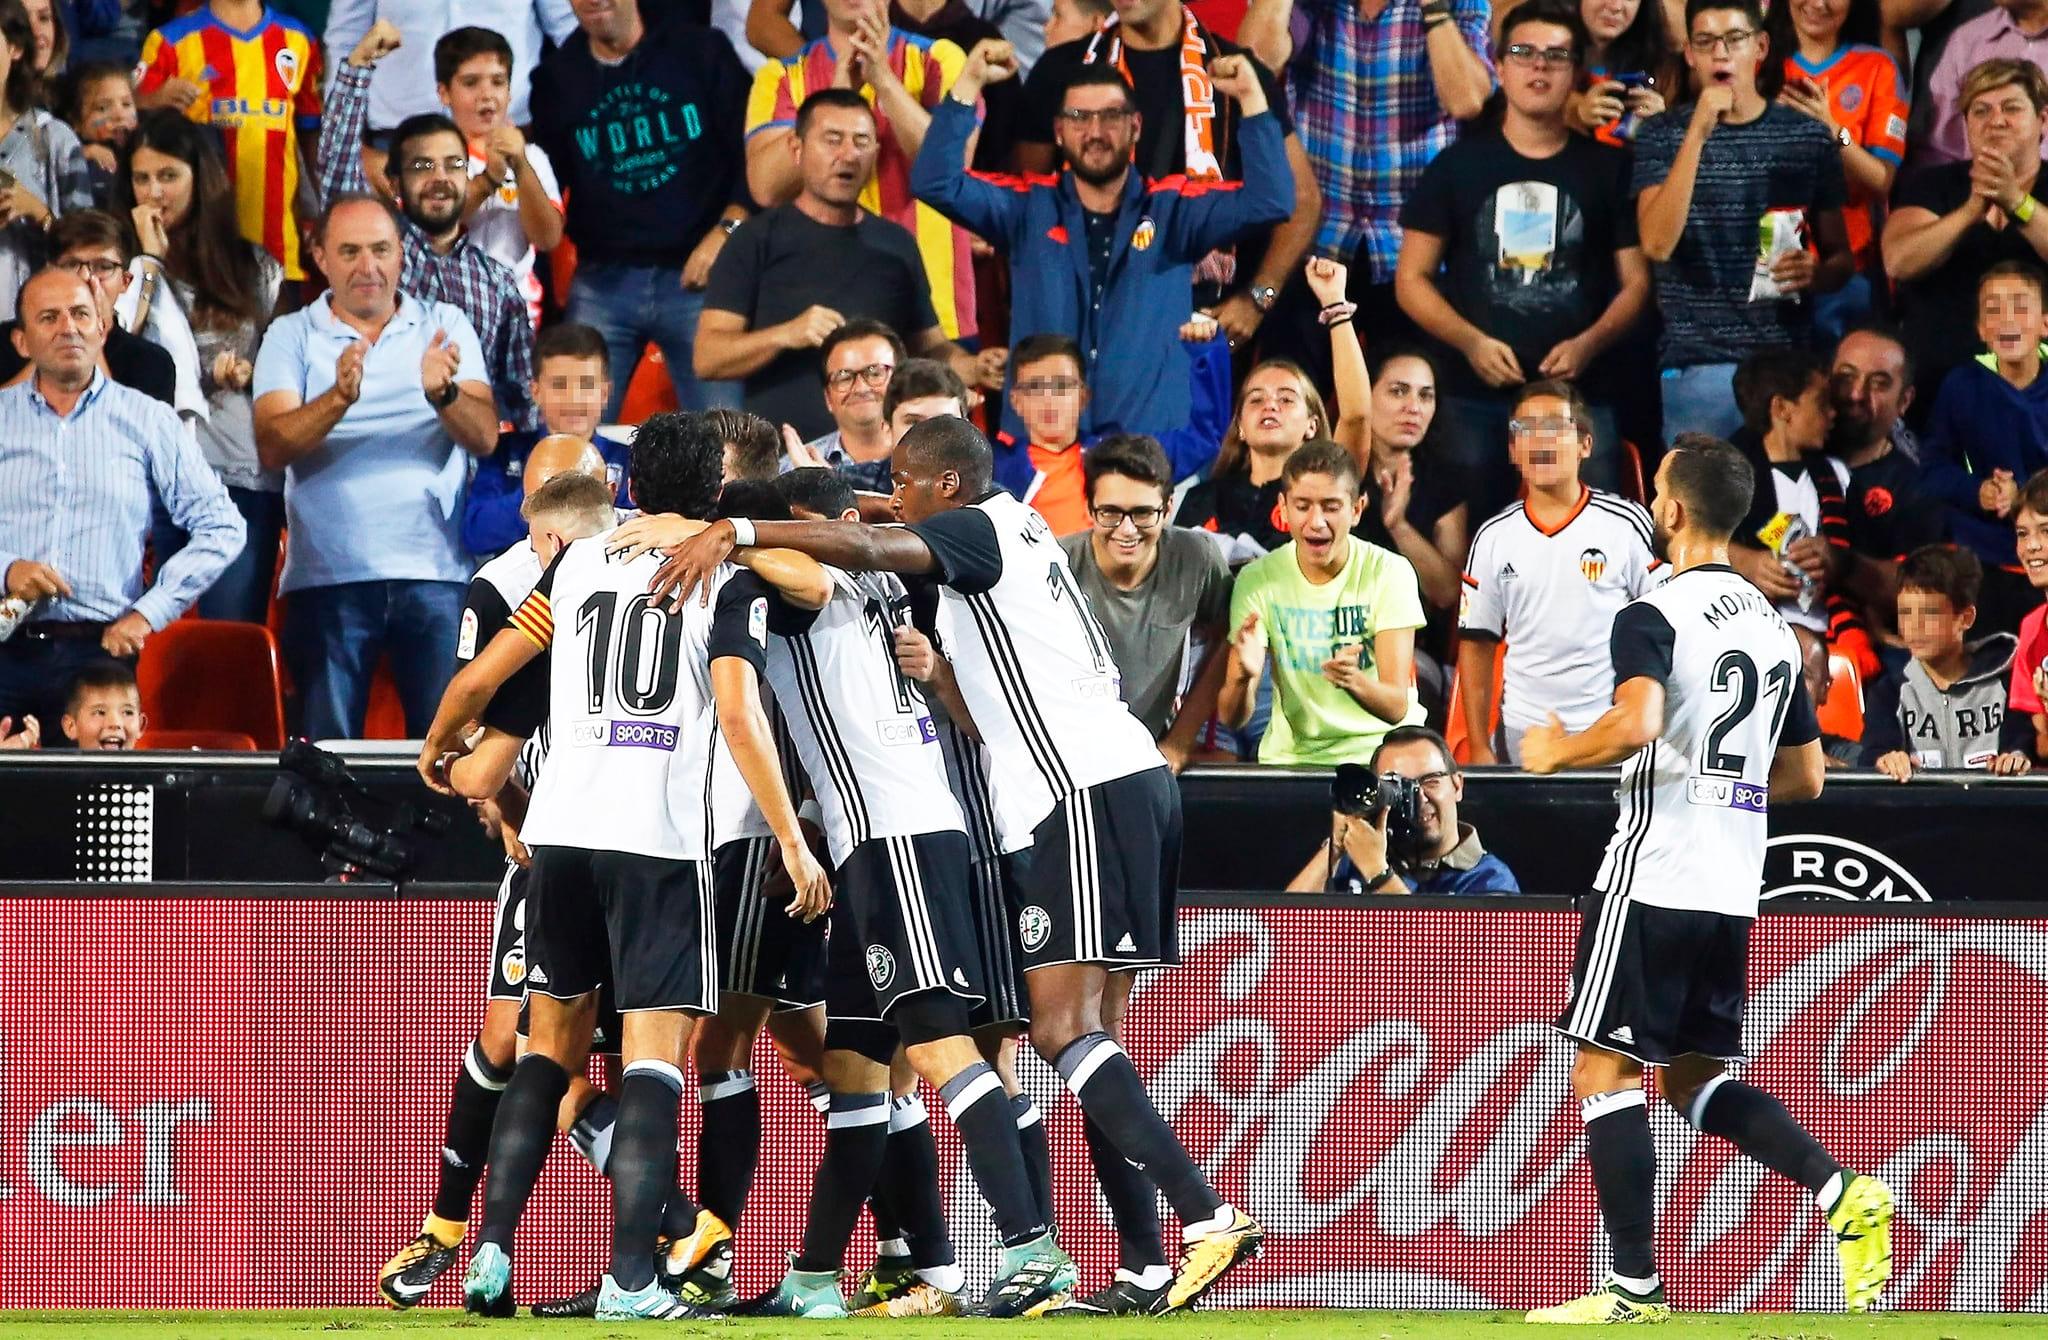 PÚBLICO - Liga espanhola não quer bancadas vazias na televisão